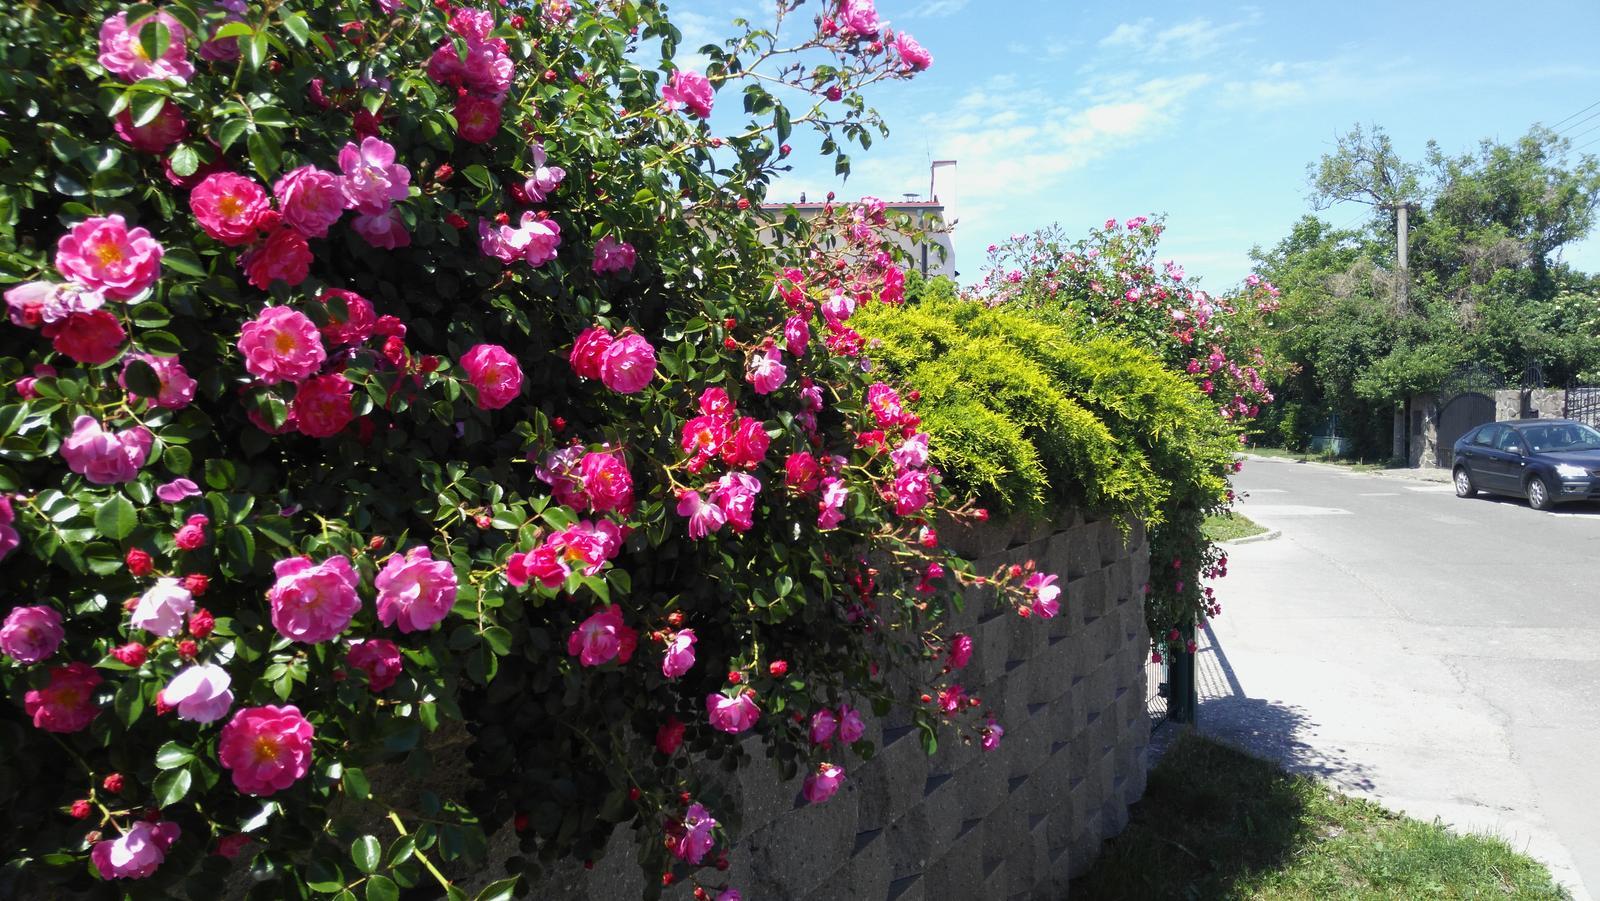 07 Vegetačný oporný múr sa na jar prebúdza ( rozšírené 19.6.2020 ) - 2017 05 30_Oporný múr od ulice v plnej kráse.